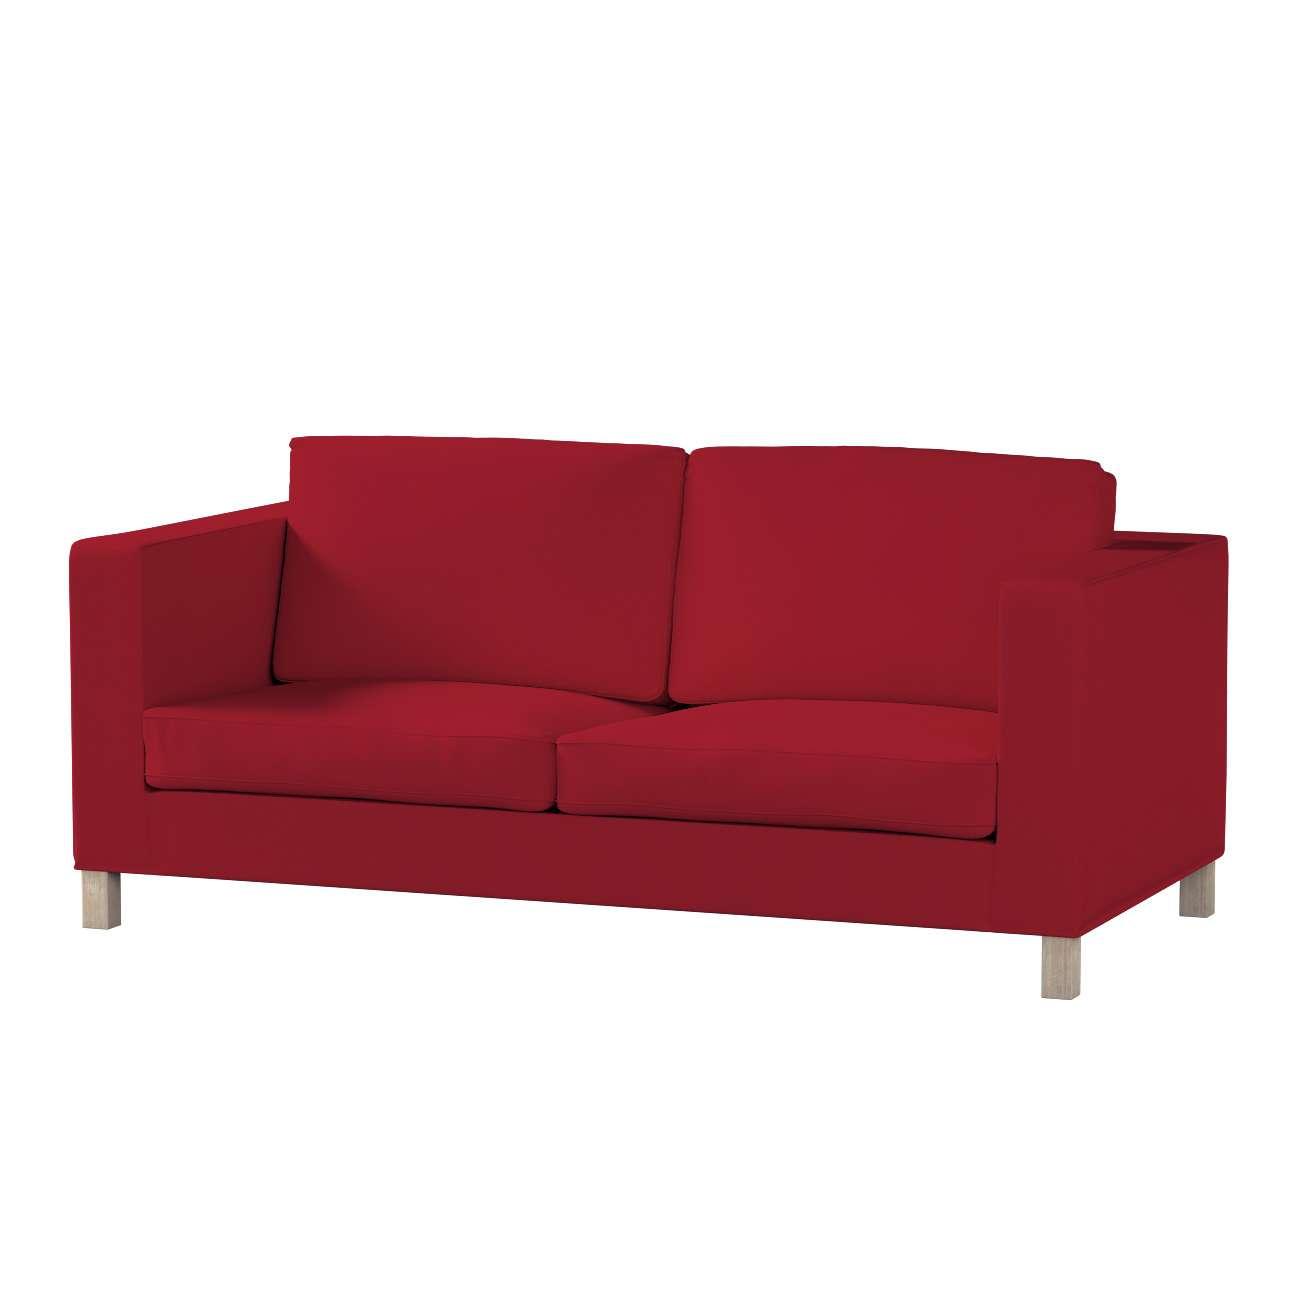 KARLANDA sofos lovos užvalkalas KARLANDA sofos lovos užvalkalas kolekcijoje Chenille, audinys: 702-24